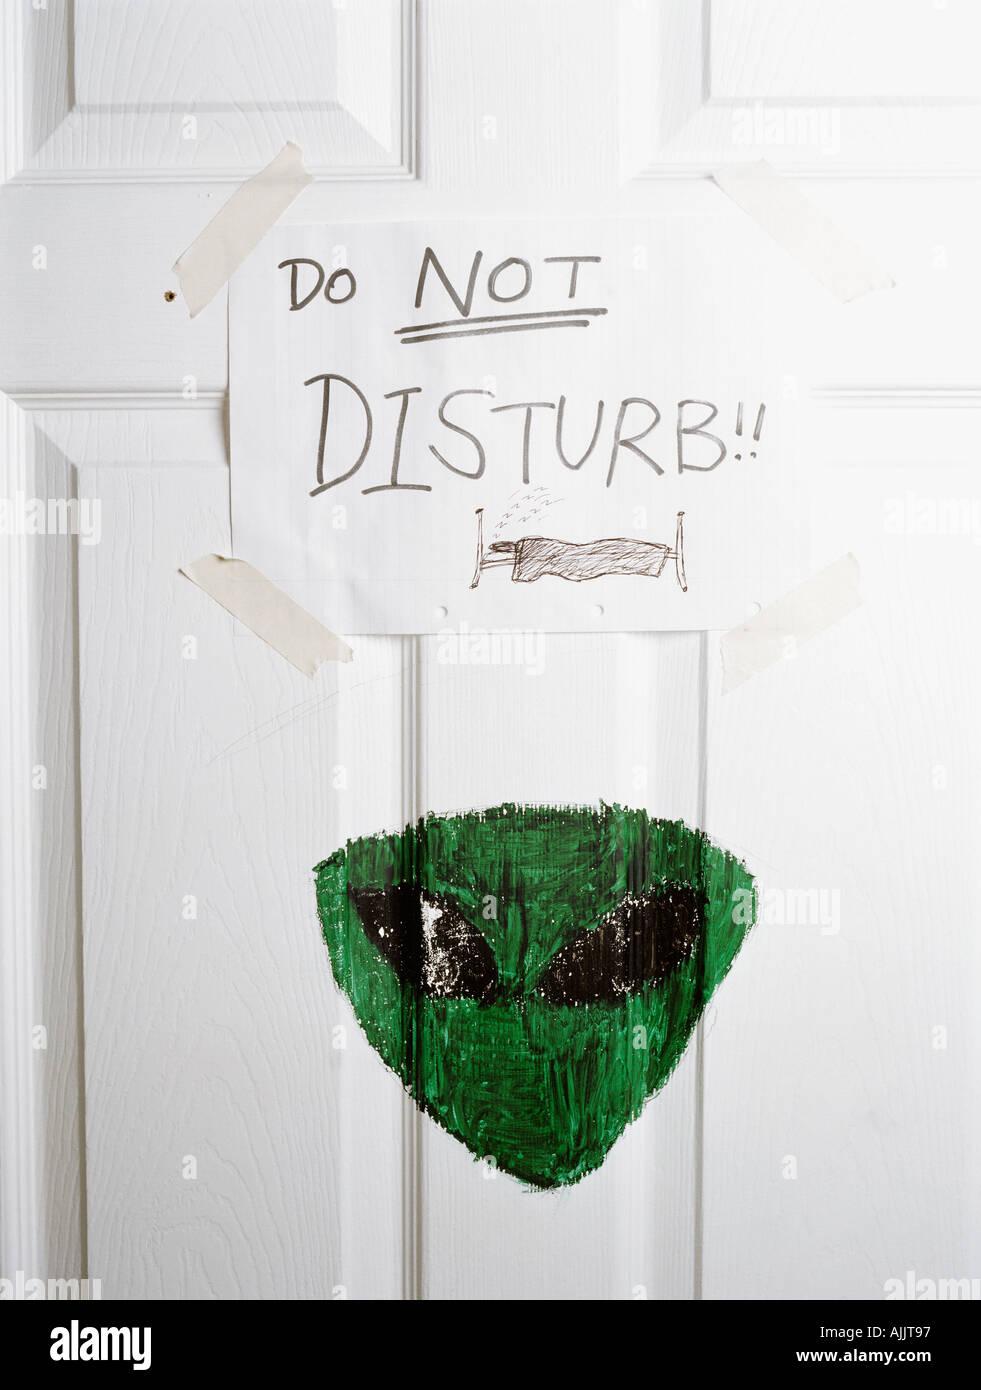 Do not disturb written on door Stock Photo